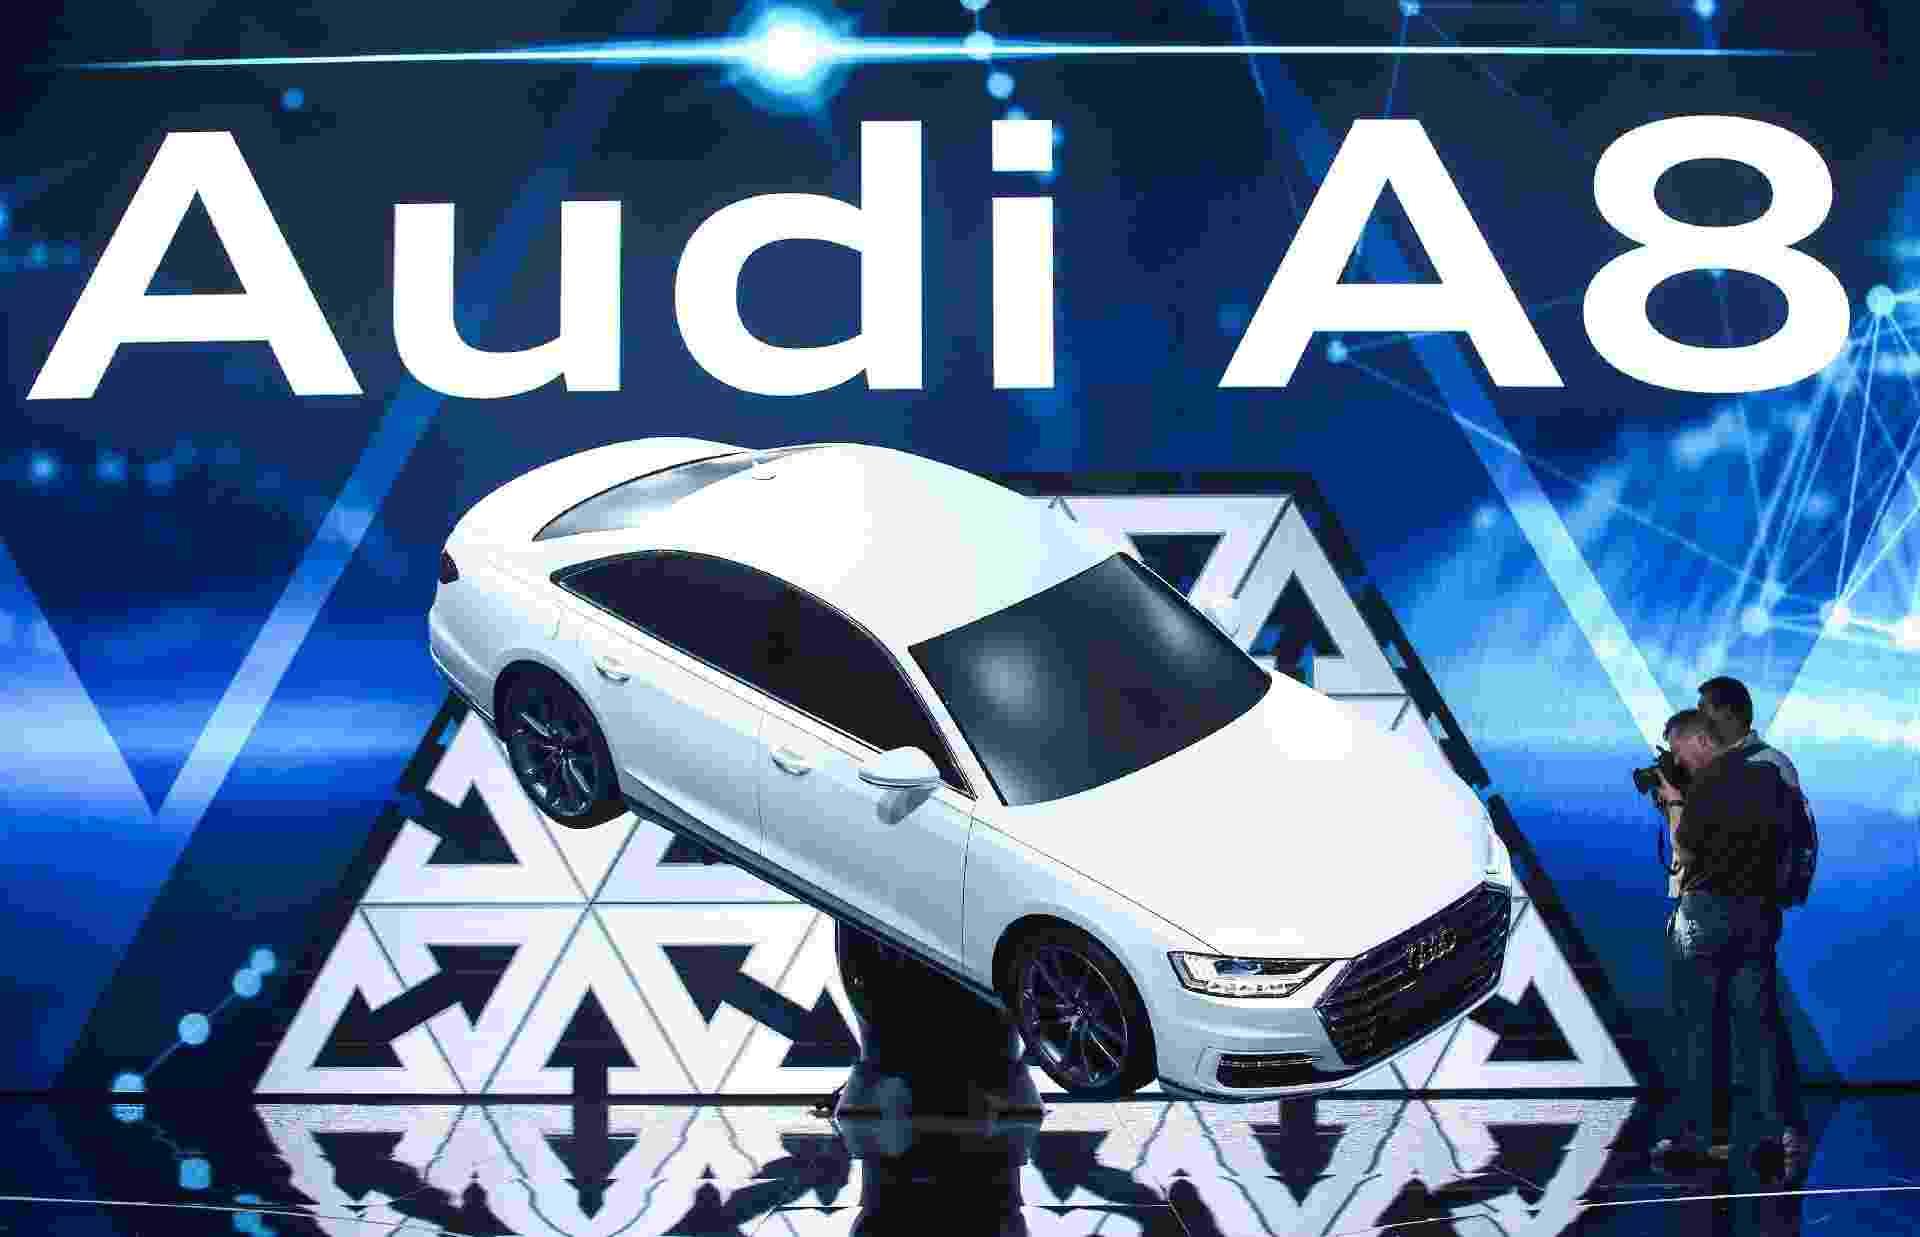 Quarta geração do Audi A8 - Albergou Gea/Reuters